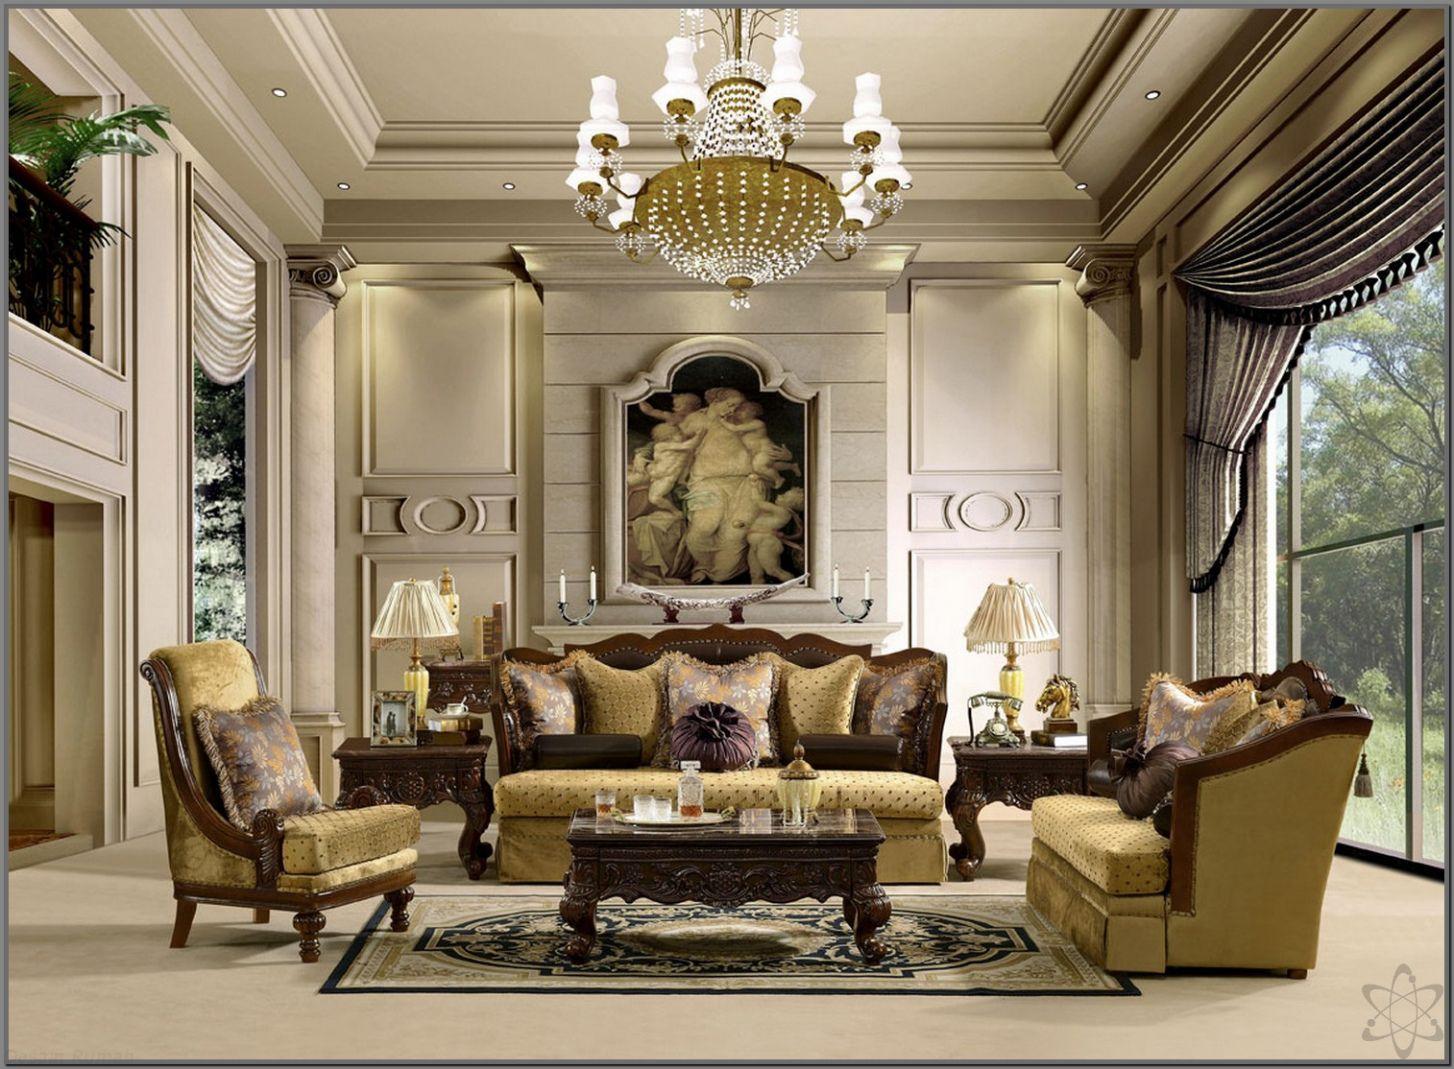 Desain Ruang Tamu Klasik Mewah Check More At Http Desainrumahkita